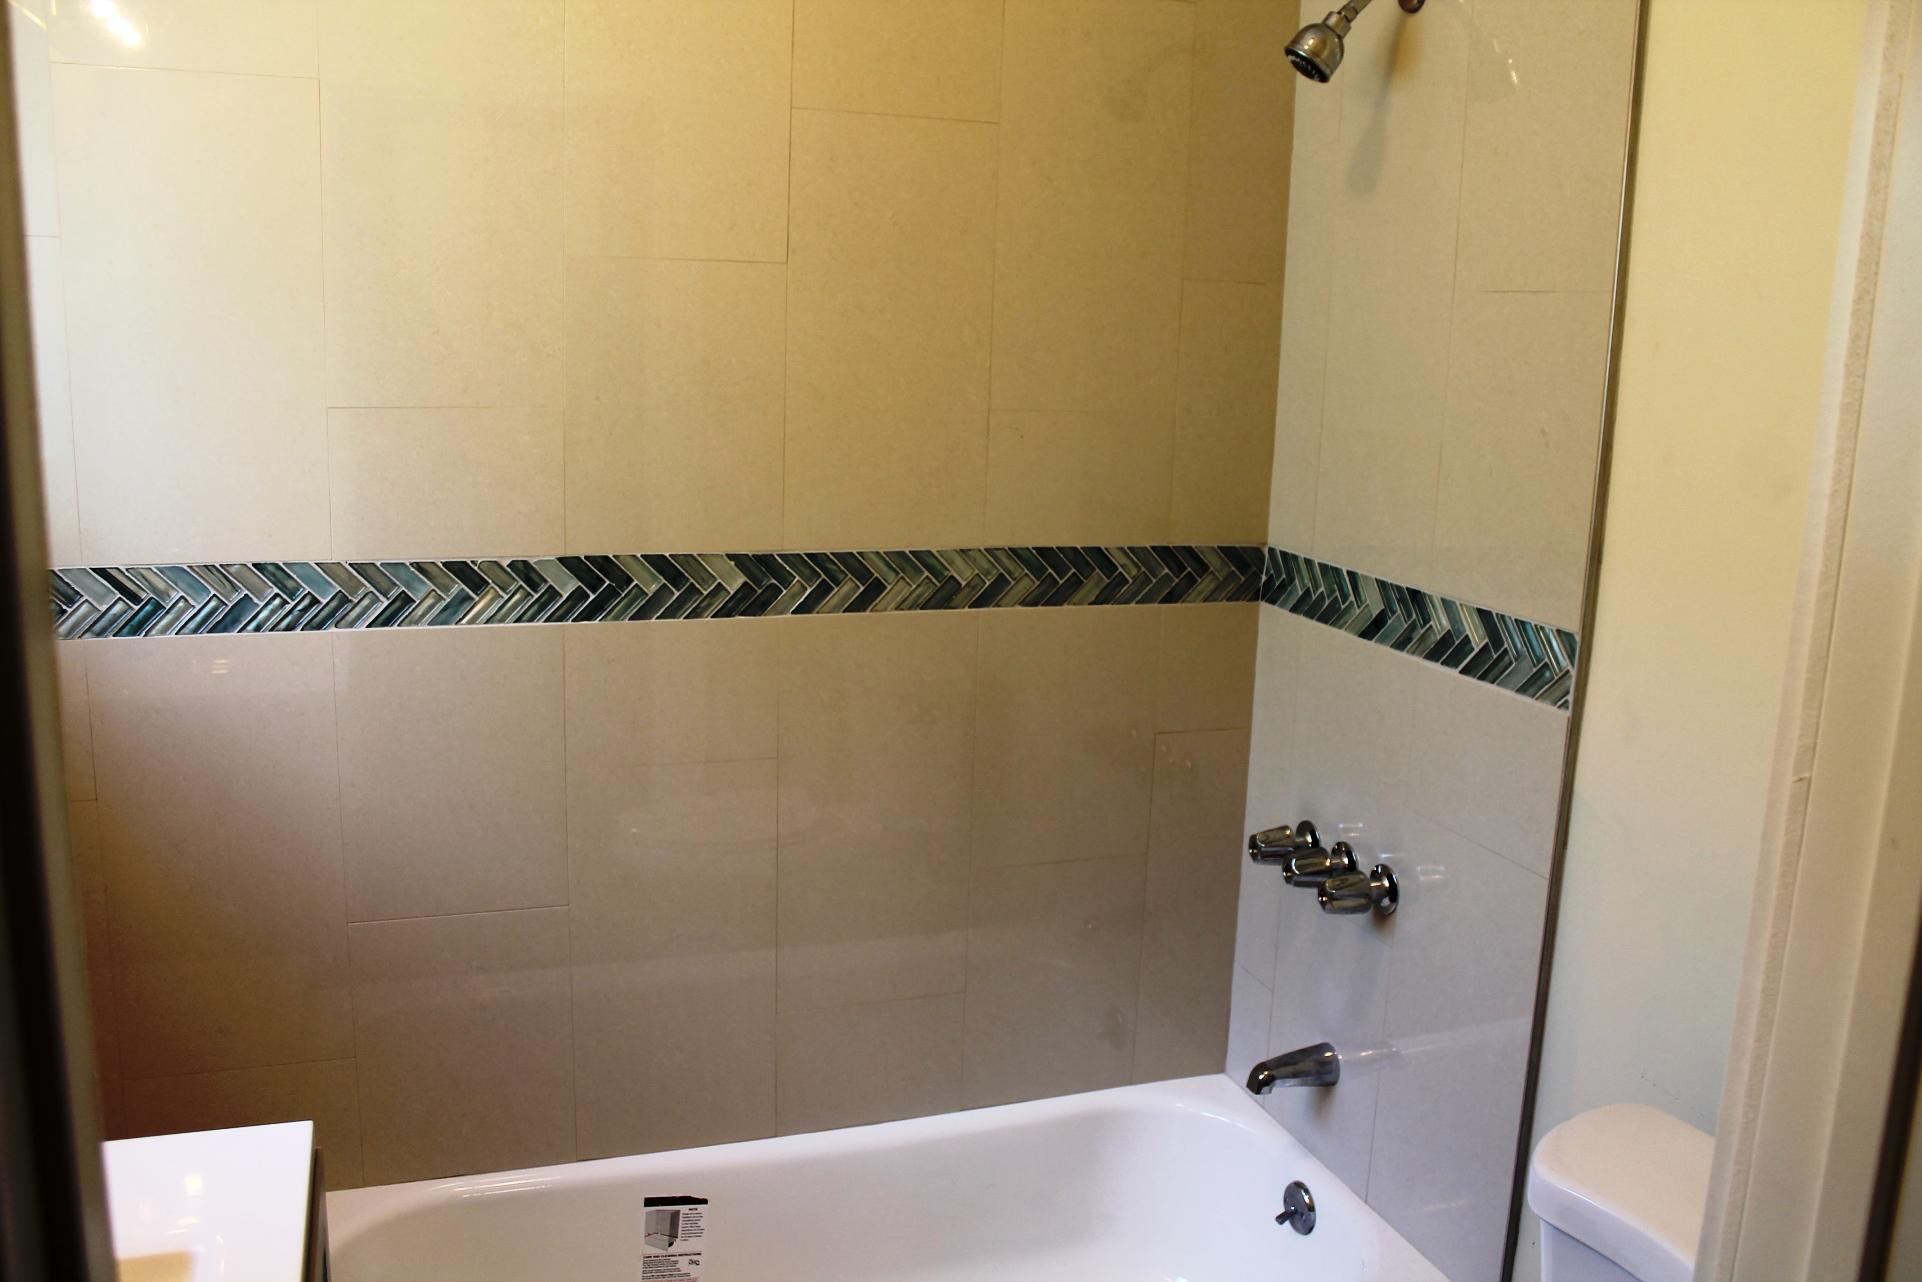 2525 E 10th St #7 - Bathroom1